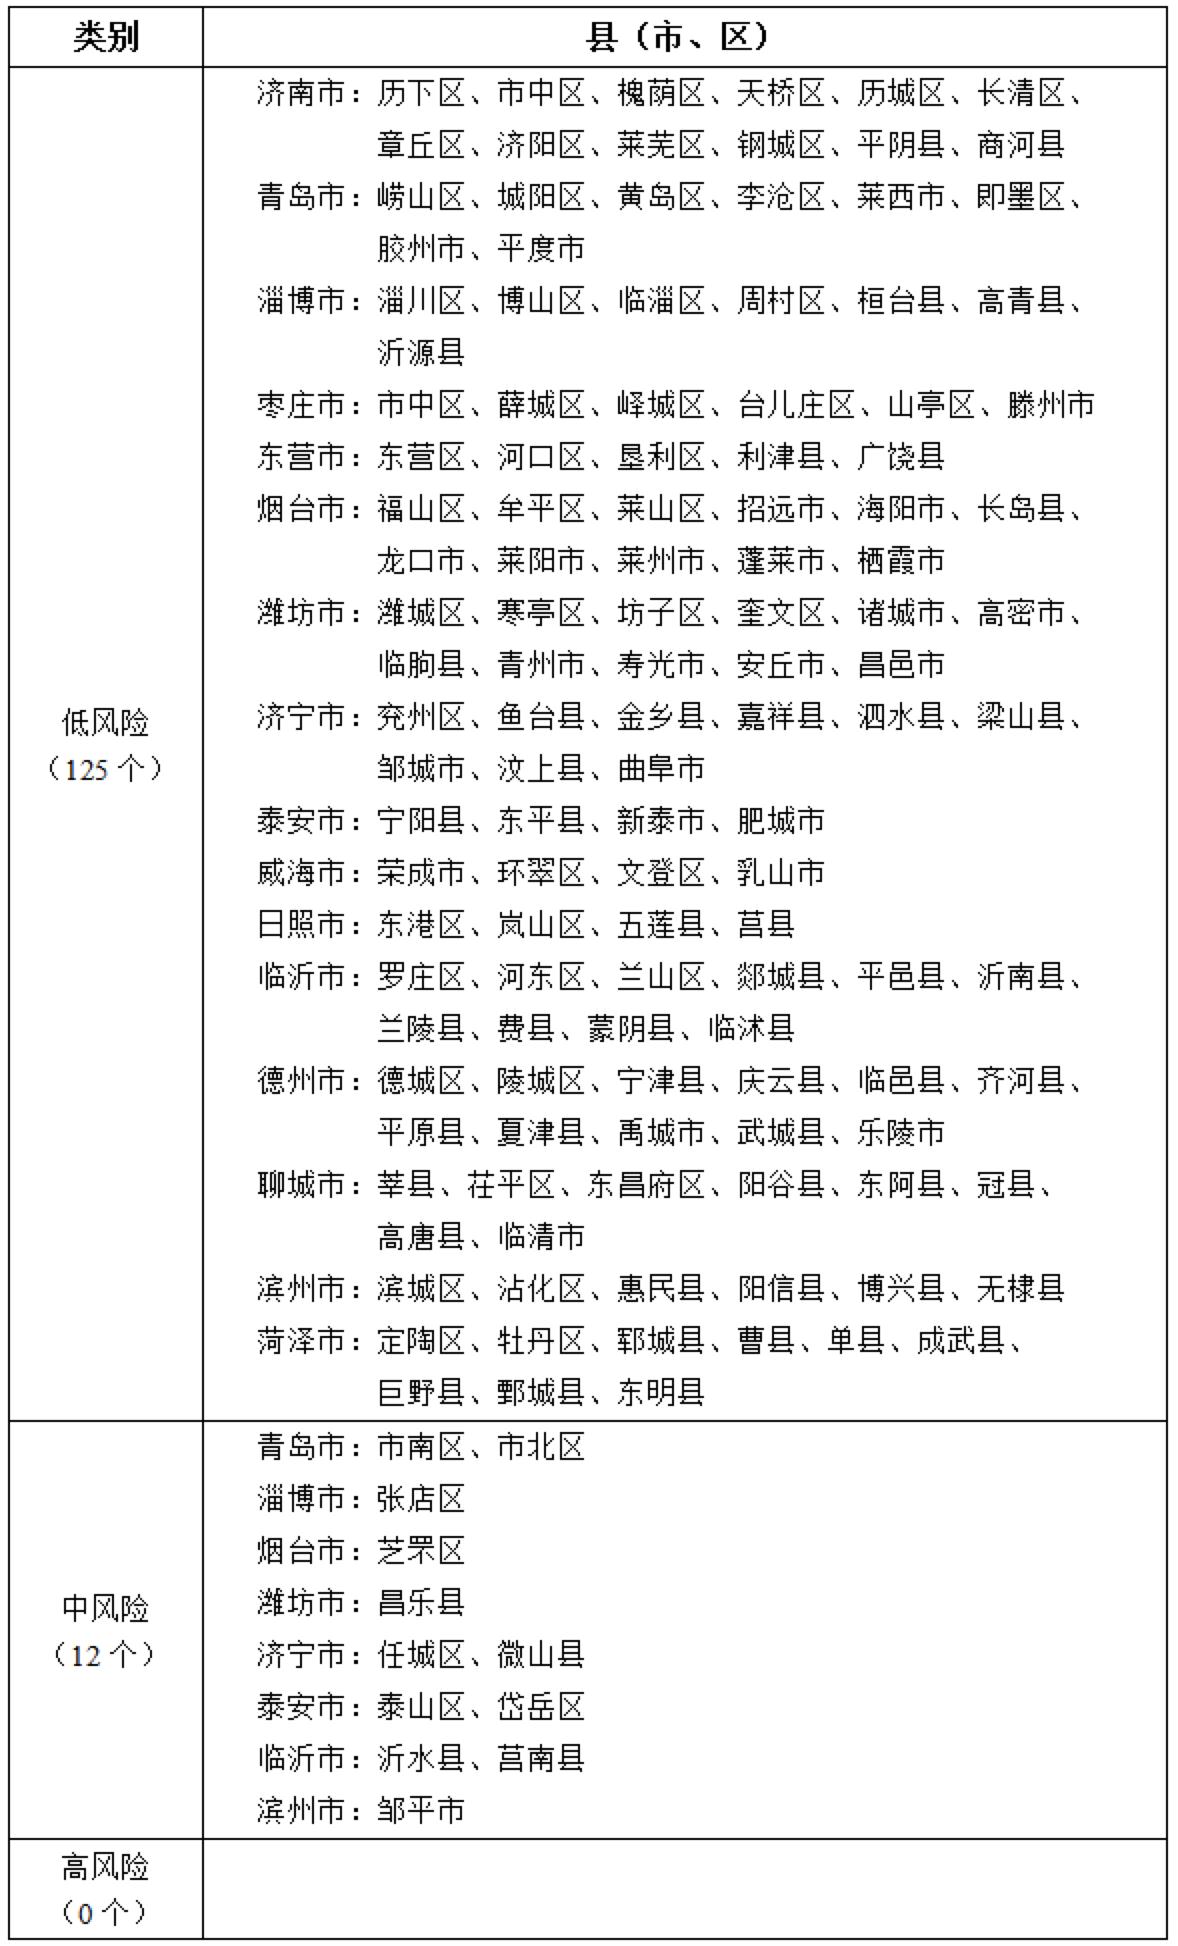 山东省公布新冠肺炎疫情分区分级表图片